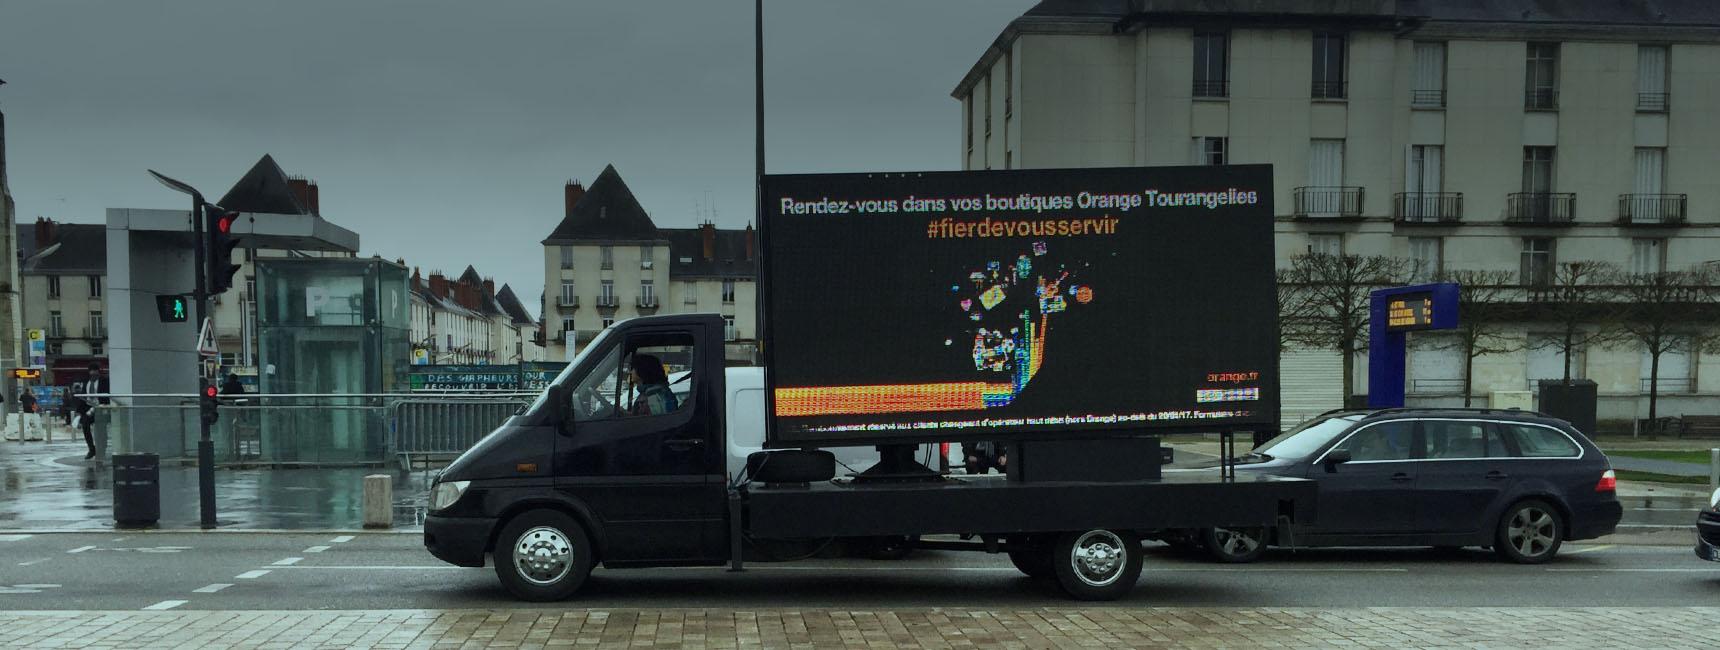 Dispositifs d'affichage mobile - Keemia Bordeaux Agence marketing local en région Aquitaine